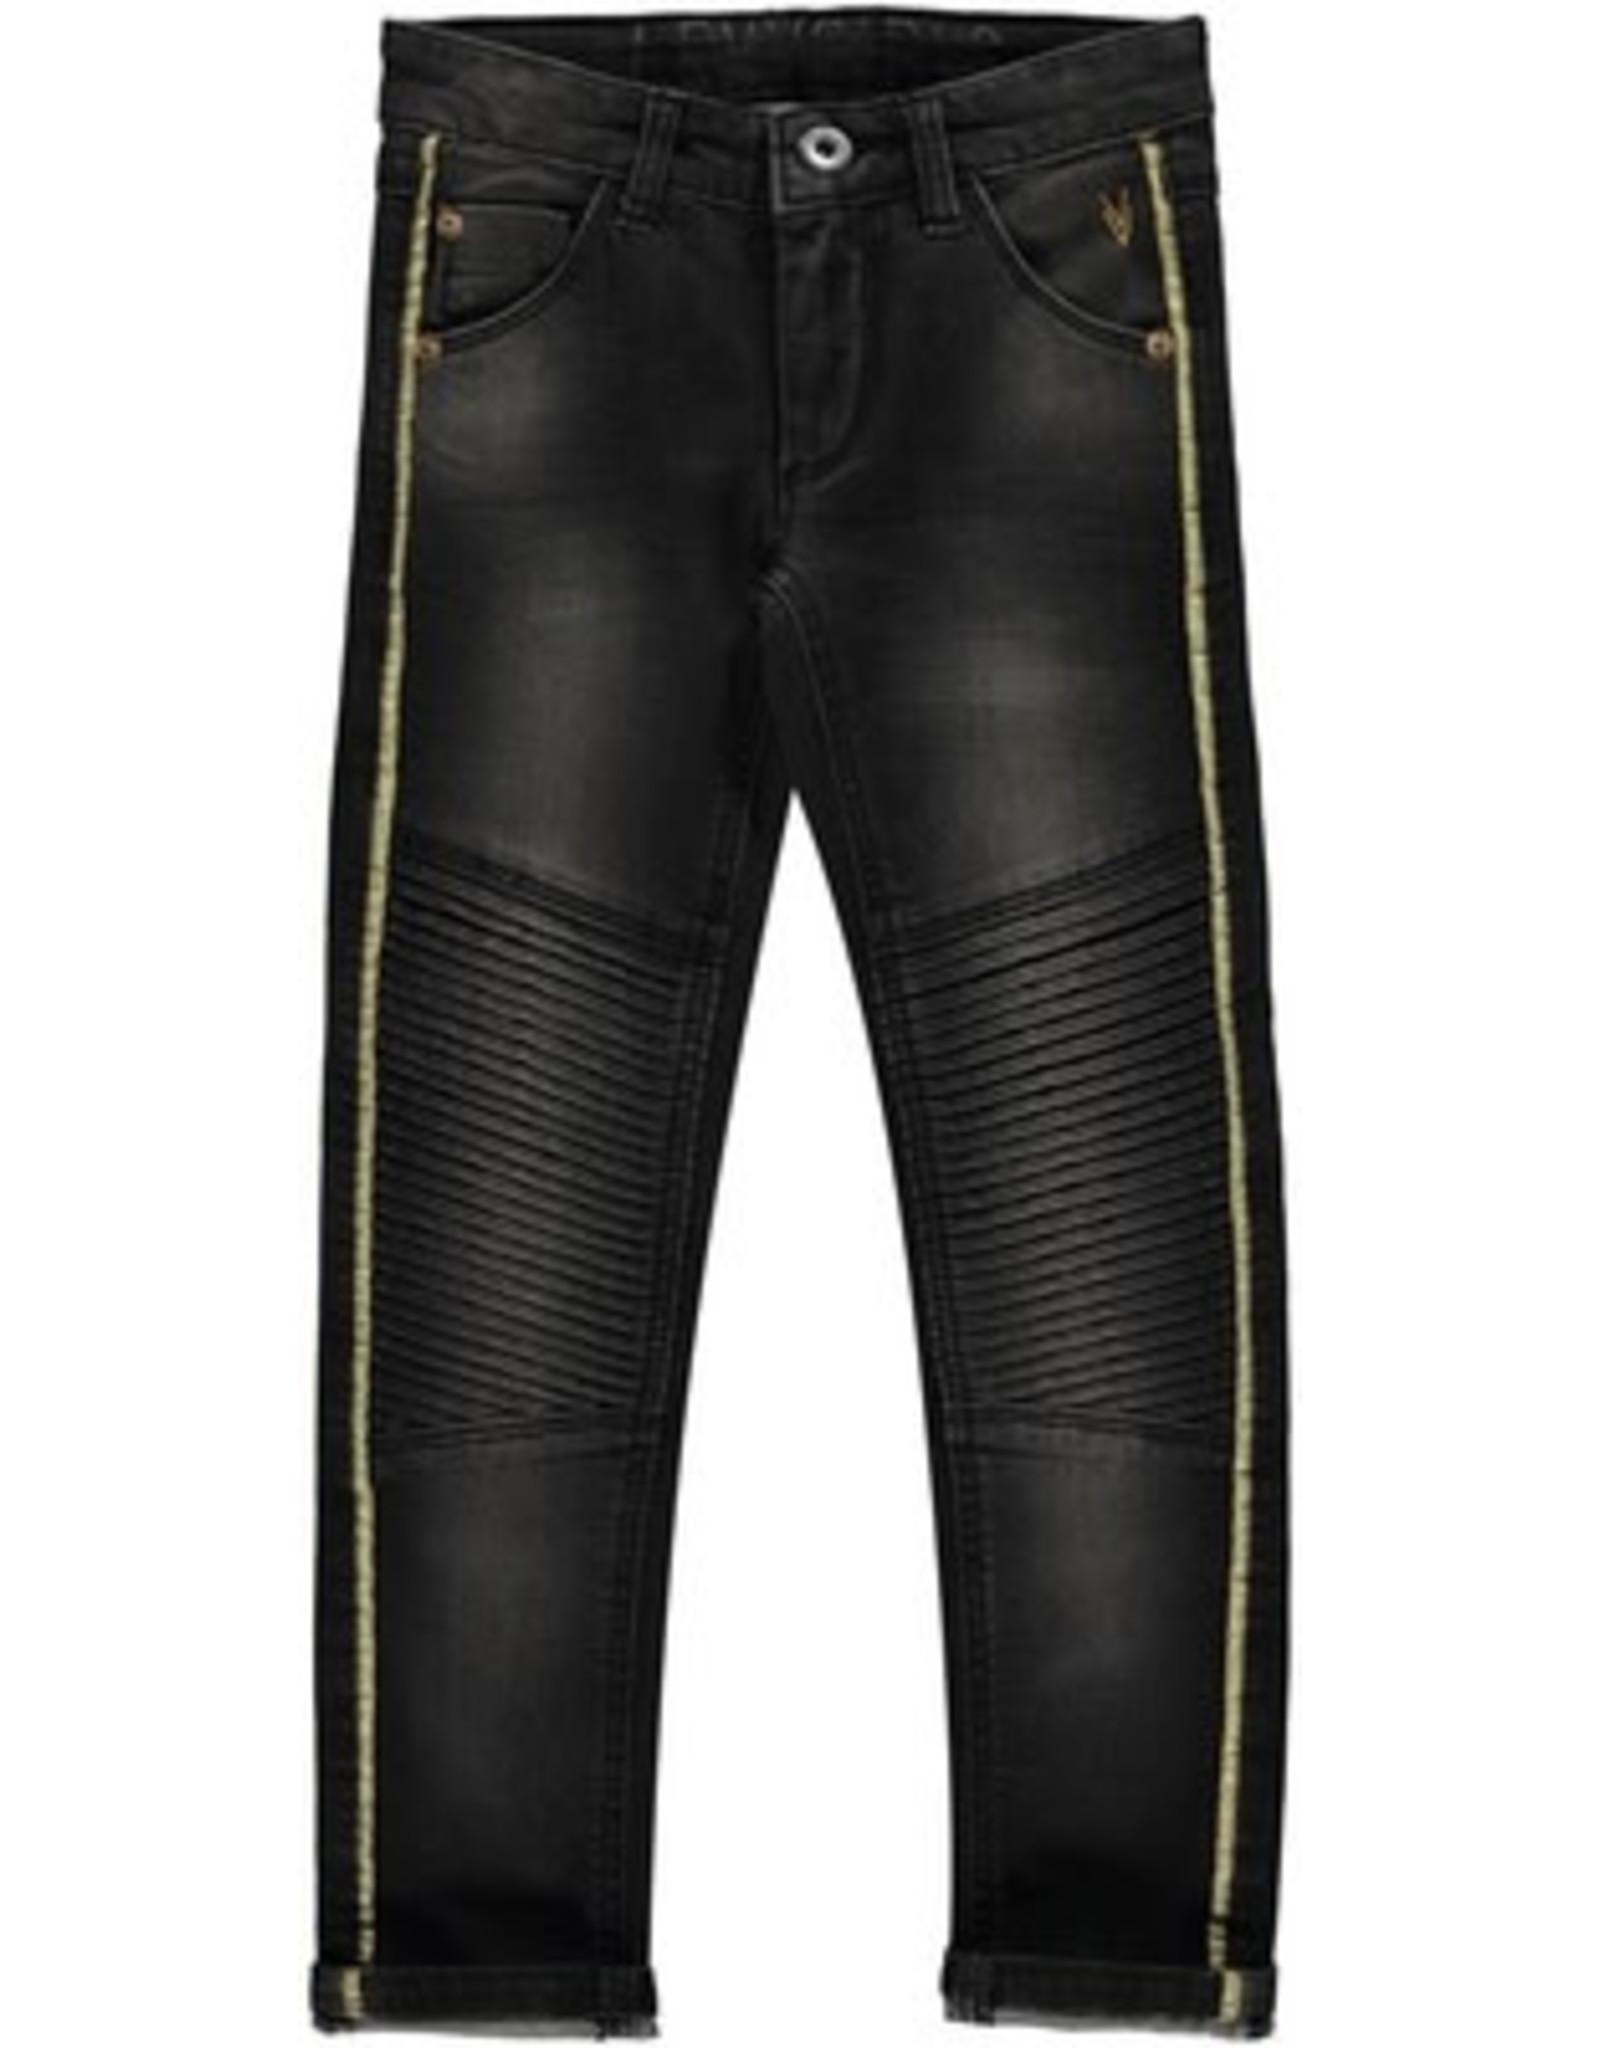 Levv April jeans black 164